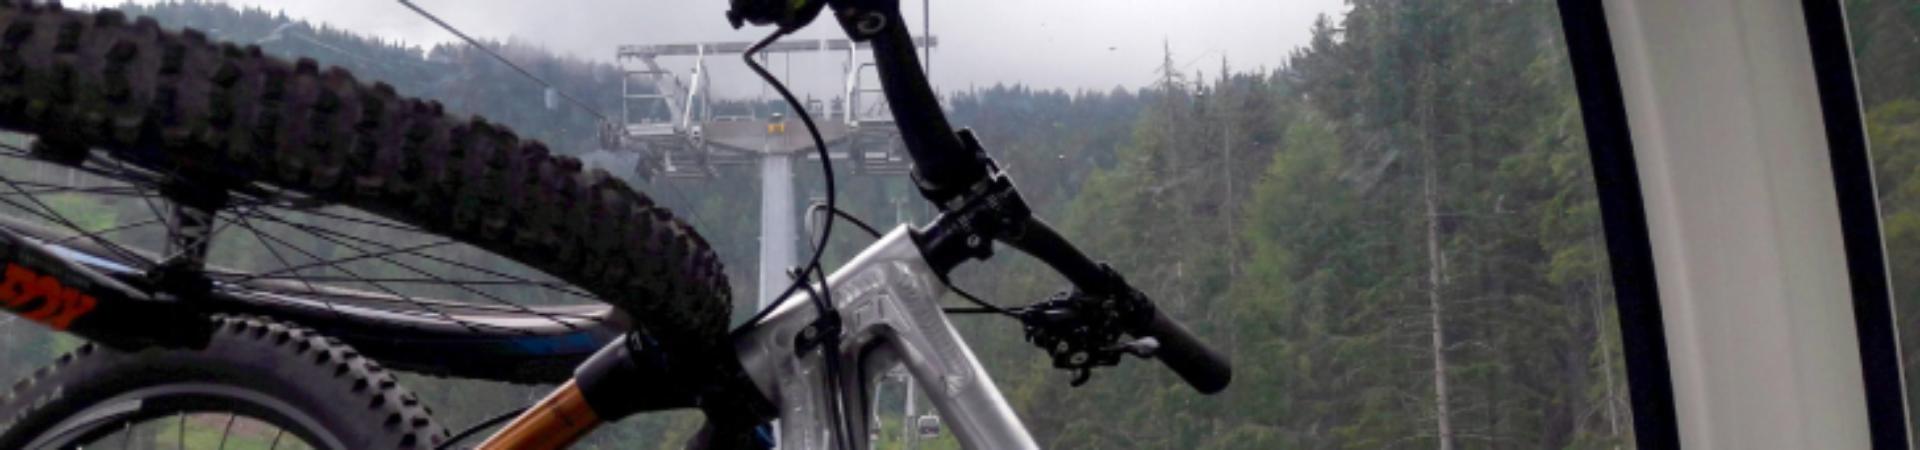 Eurobike media days: enduro ride a giro D'Italia kultikus helyszínén